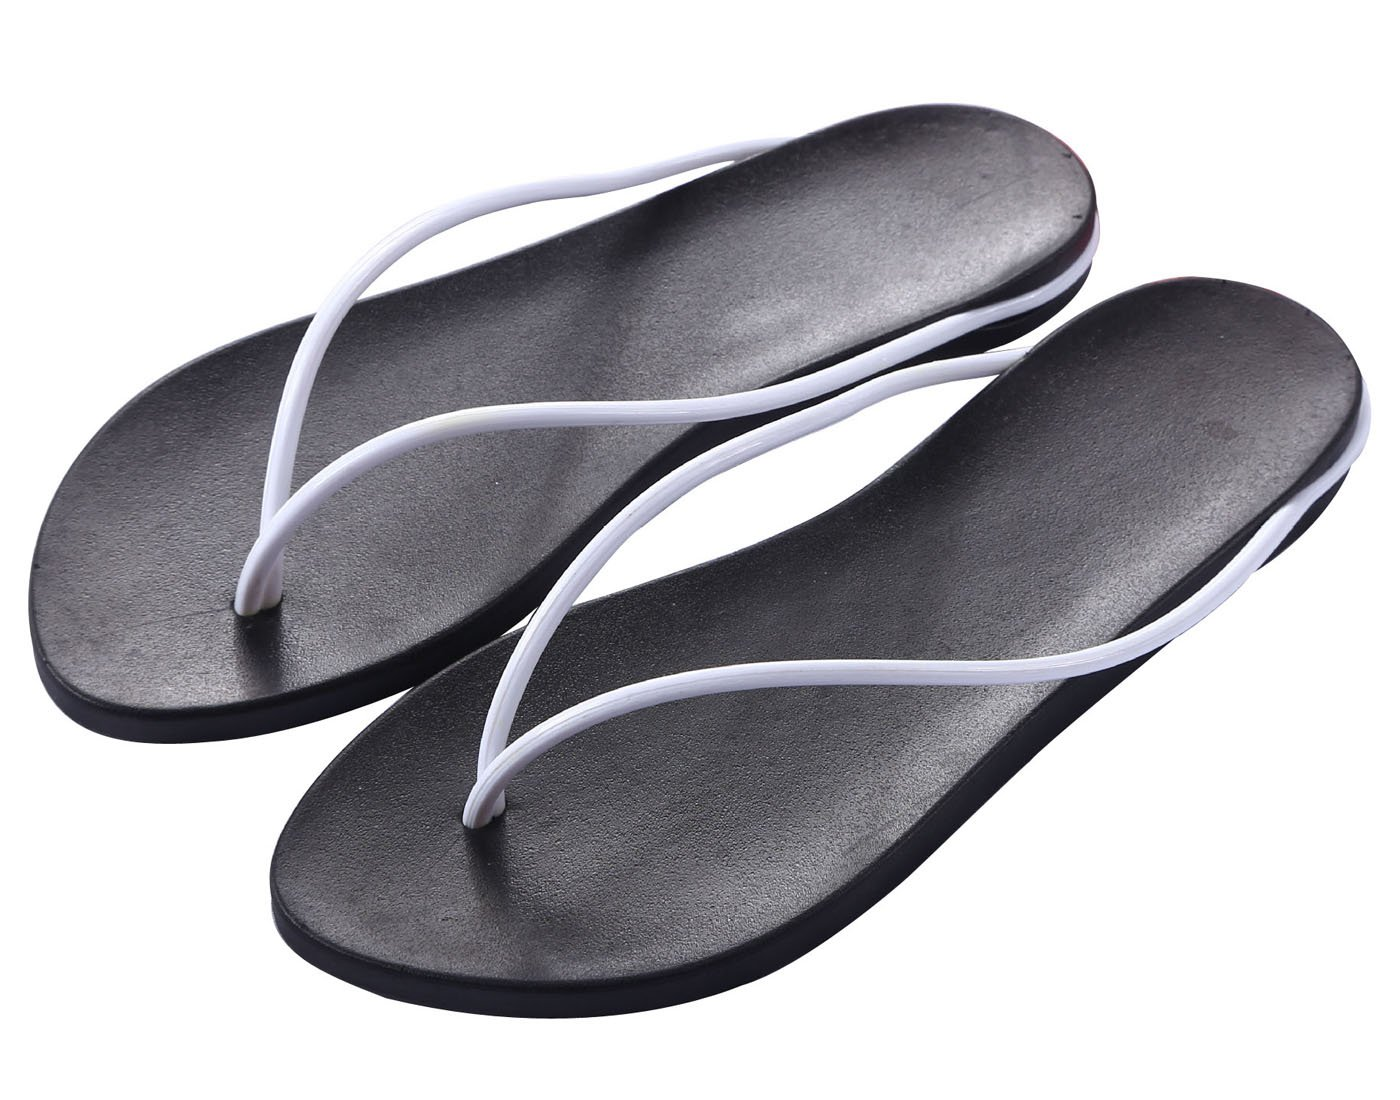 77f5c086452baf Zehentrenner Damen Slim Sandalen Schuhe Flats Thong Sandalen Sommer Schuhe  Strand Flip Flop Hausschuhe 37 EU